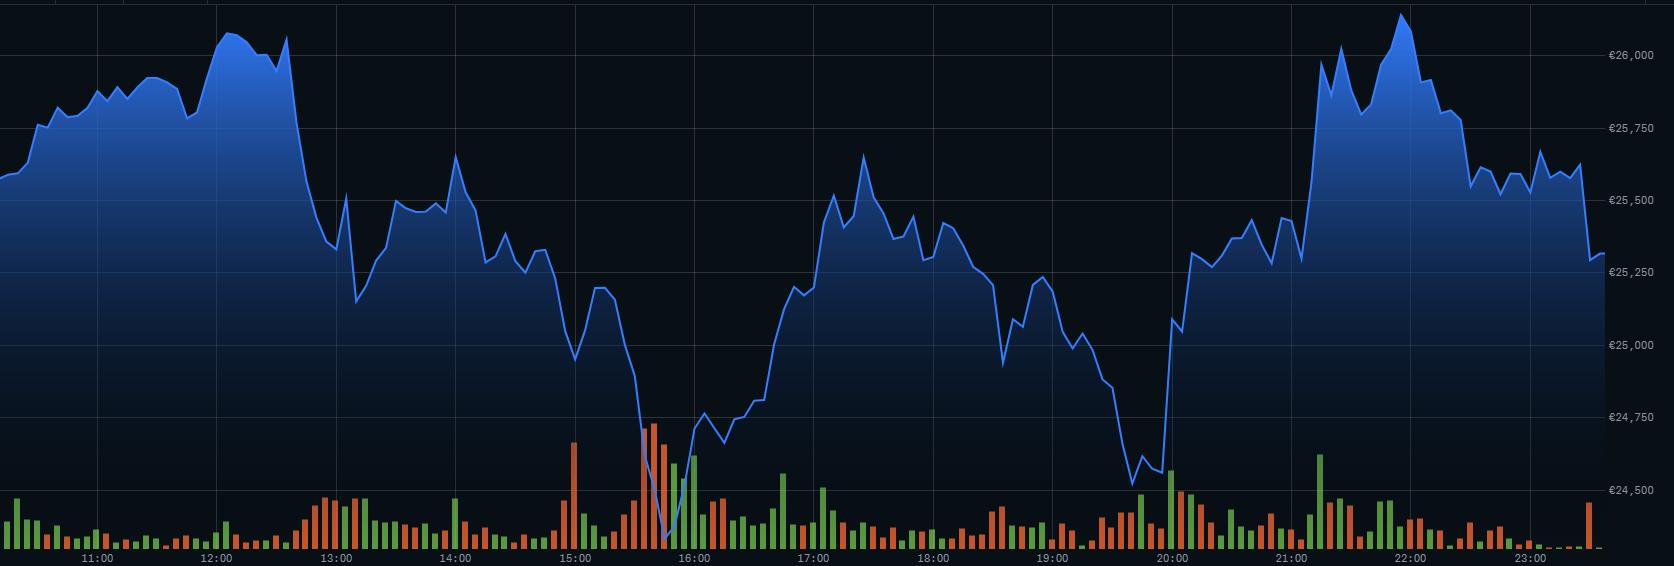 Znázornění průběhu ceny BTC během dne